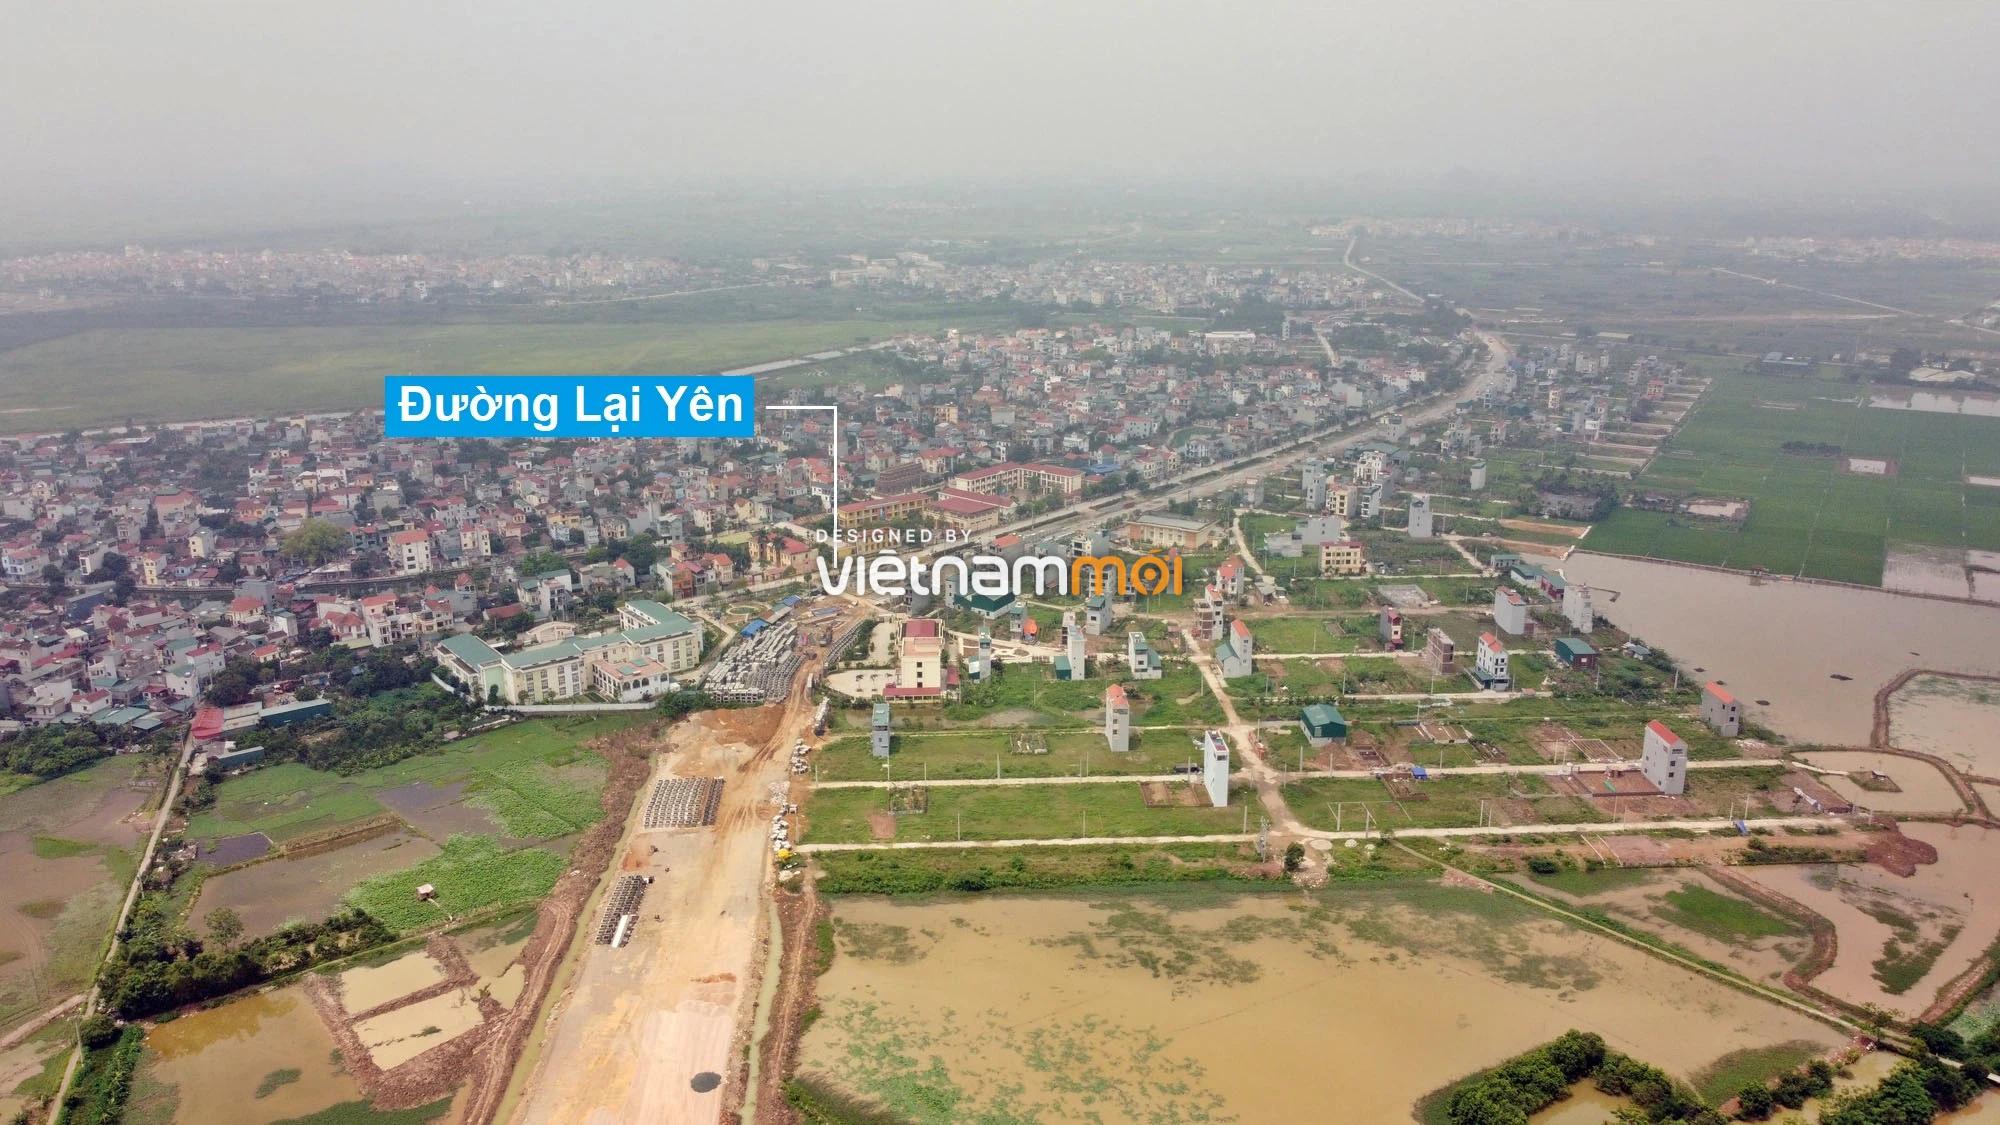 Toàn cảnh đường Lại Yên - Vân Canh đang mở theo quy hoạch ở Hà Nội - Ảnh 1.